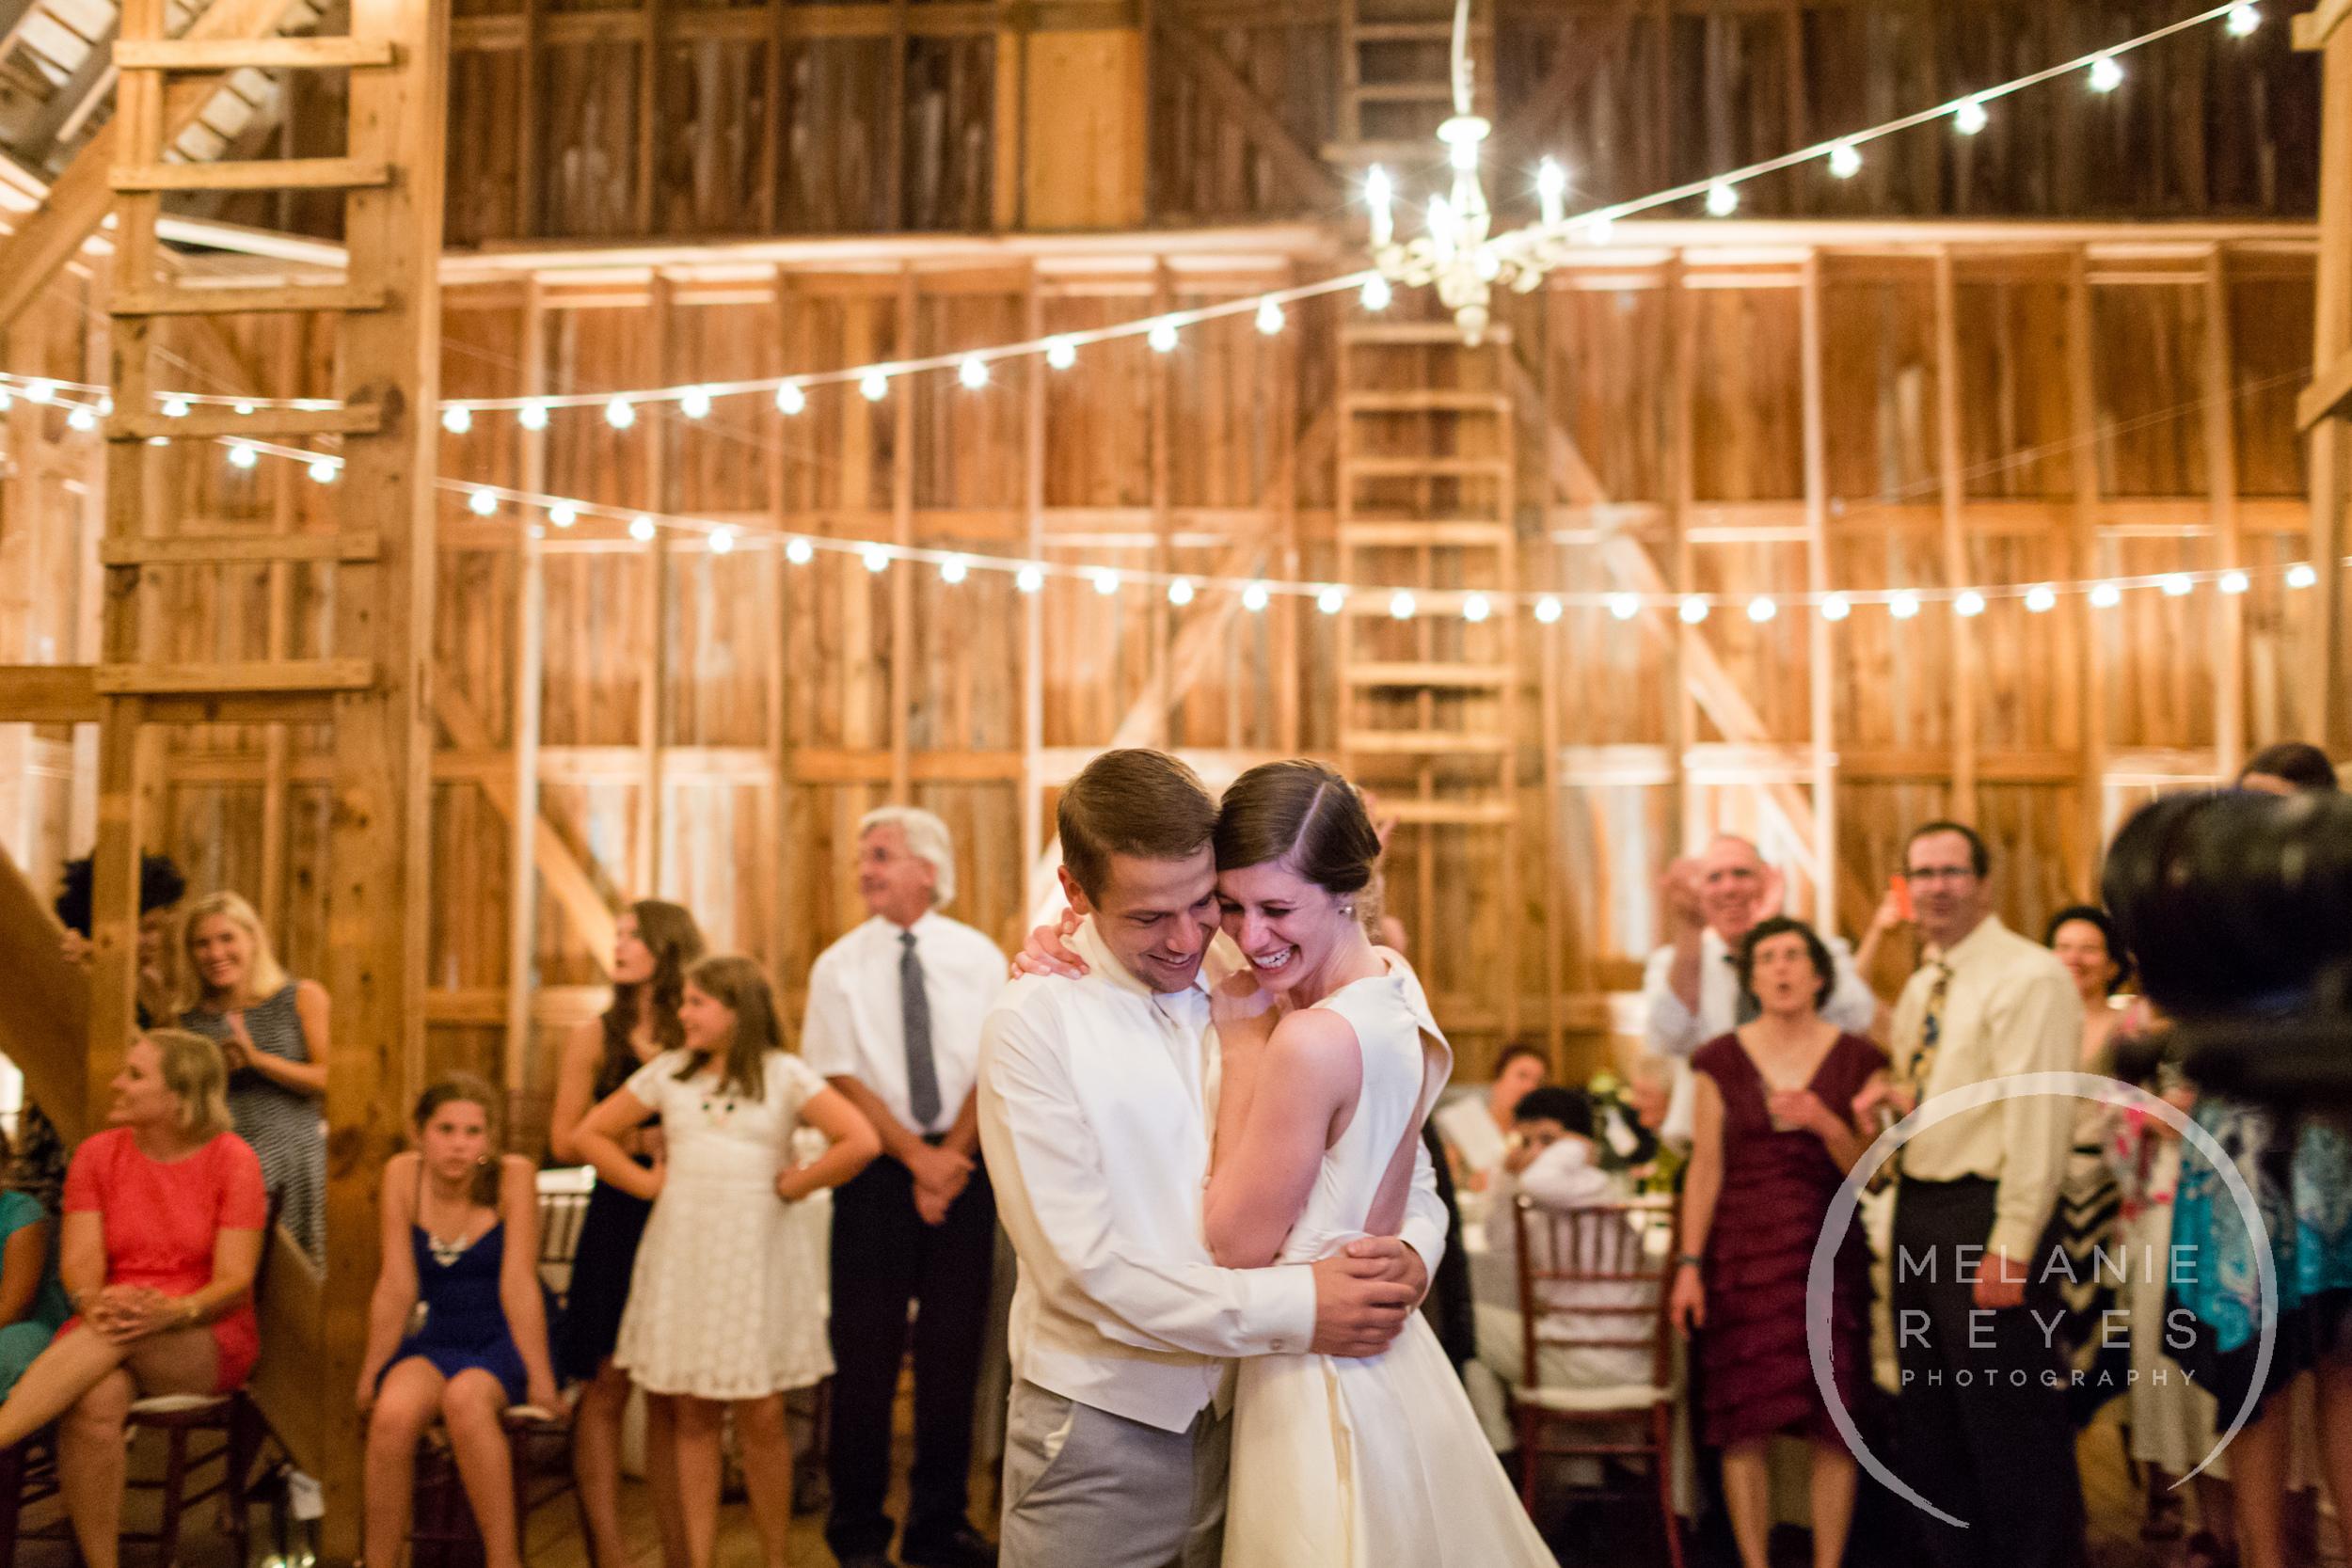 087_farm_wedding_melanie_reyes.JPG